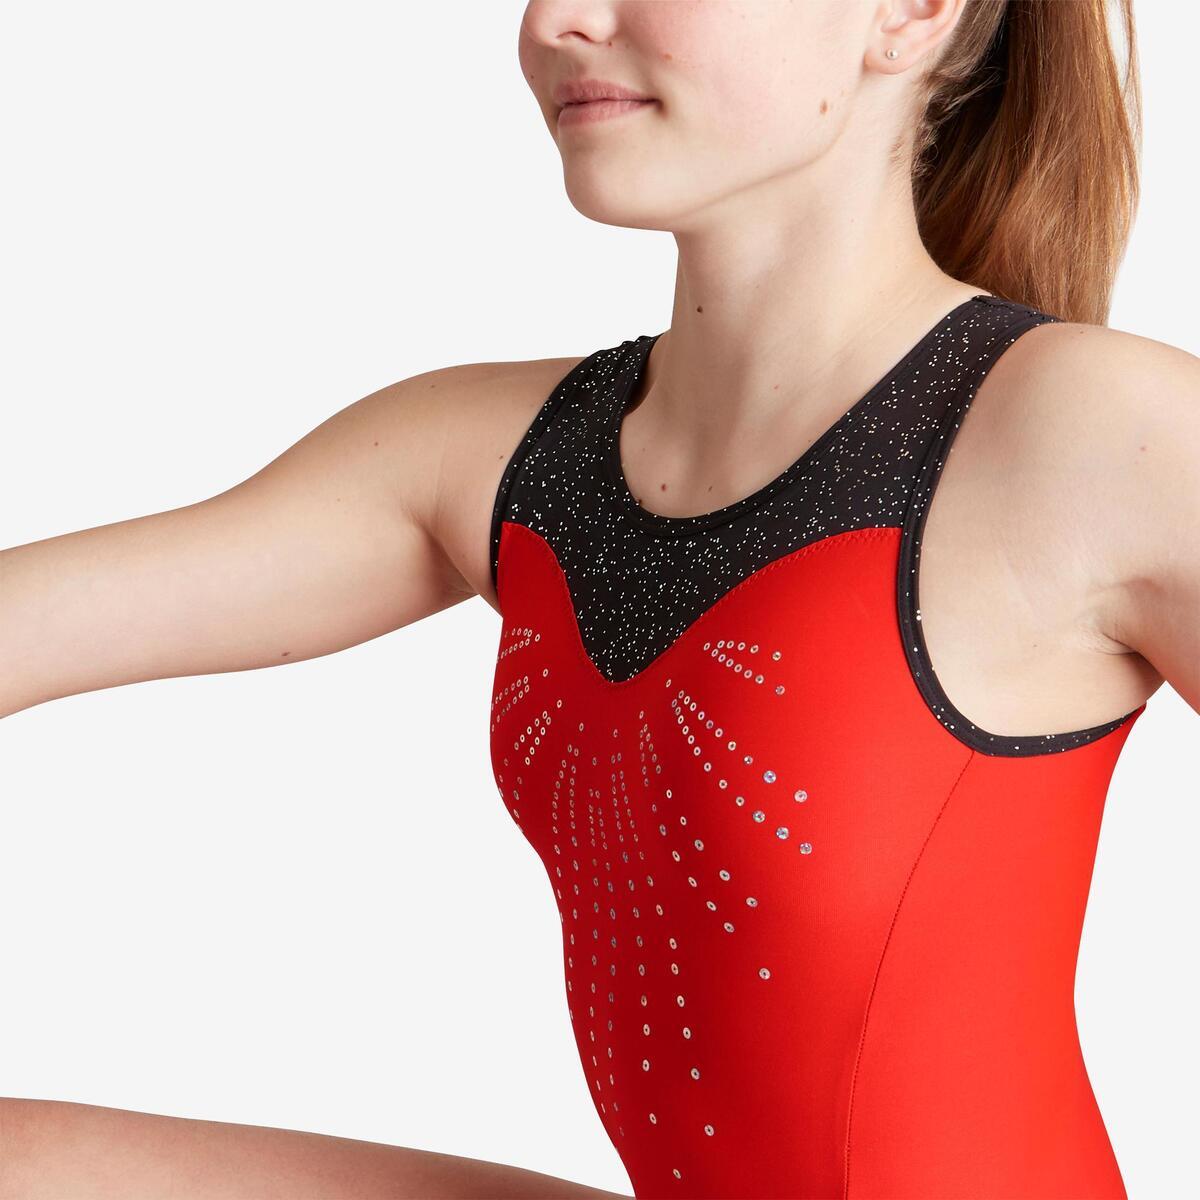 Bild 5 von Gymnastikanzug Turnanzug ärmellos 540 SM rot/schwarz